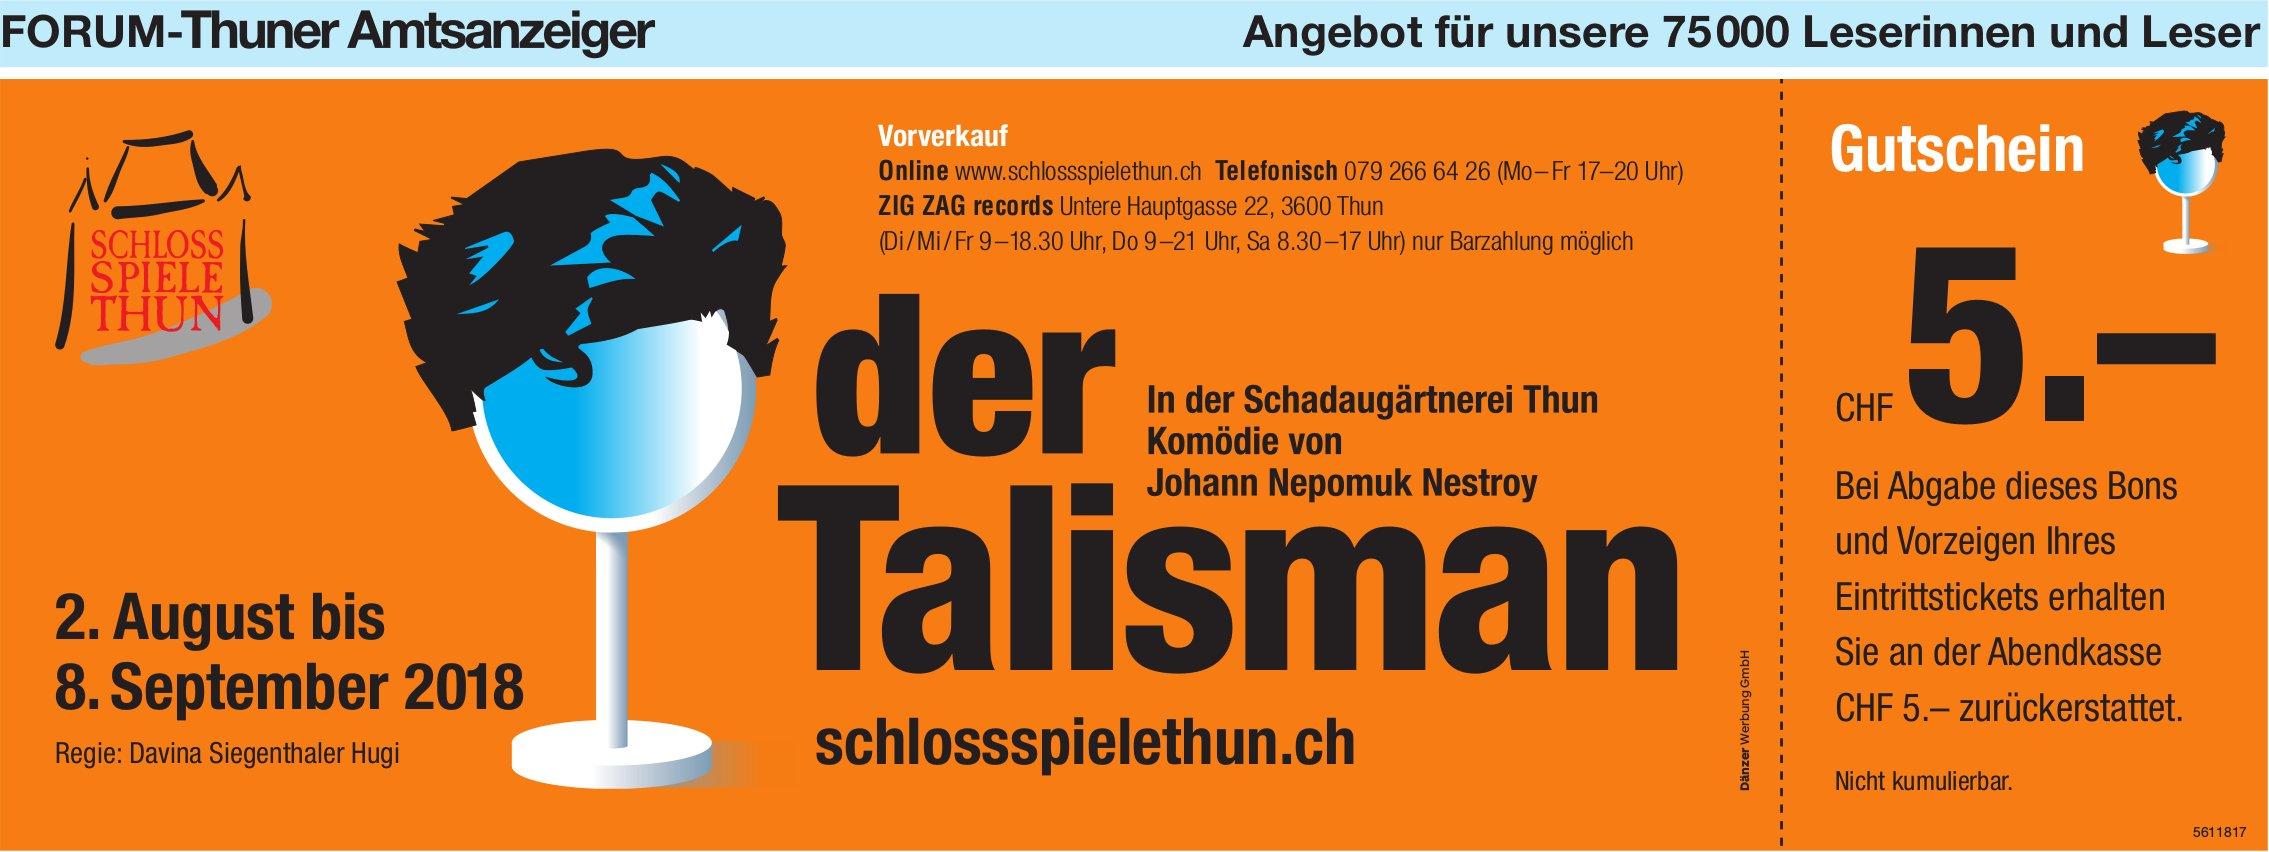 Forum-Thuner Amtsanzeiger - Der Talisman, Komödie von Johann Nepomuk Nestroy, 2. Aug. bis 8. Sept.